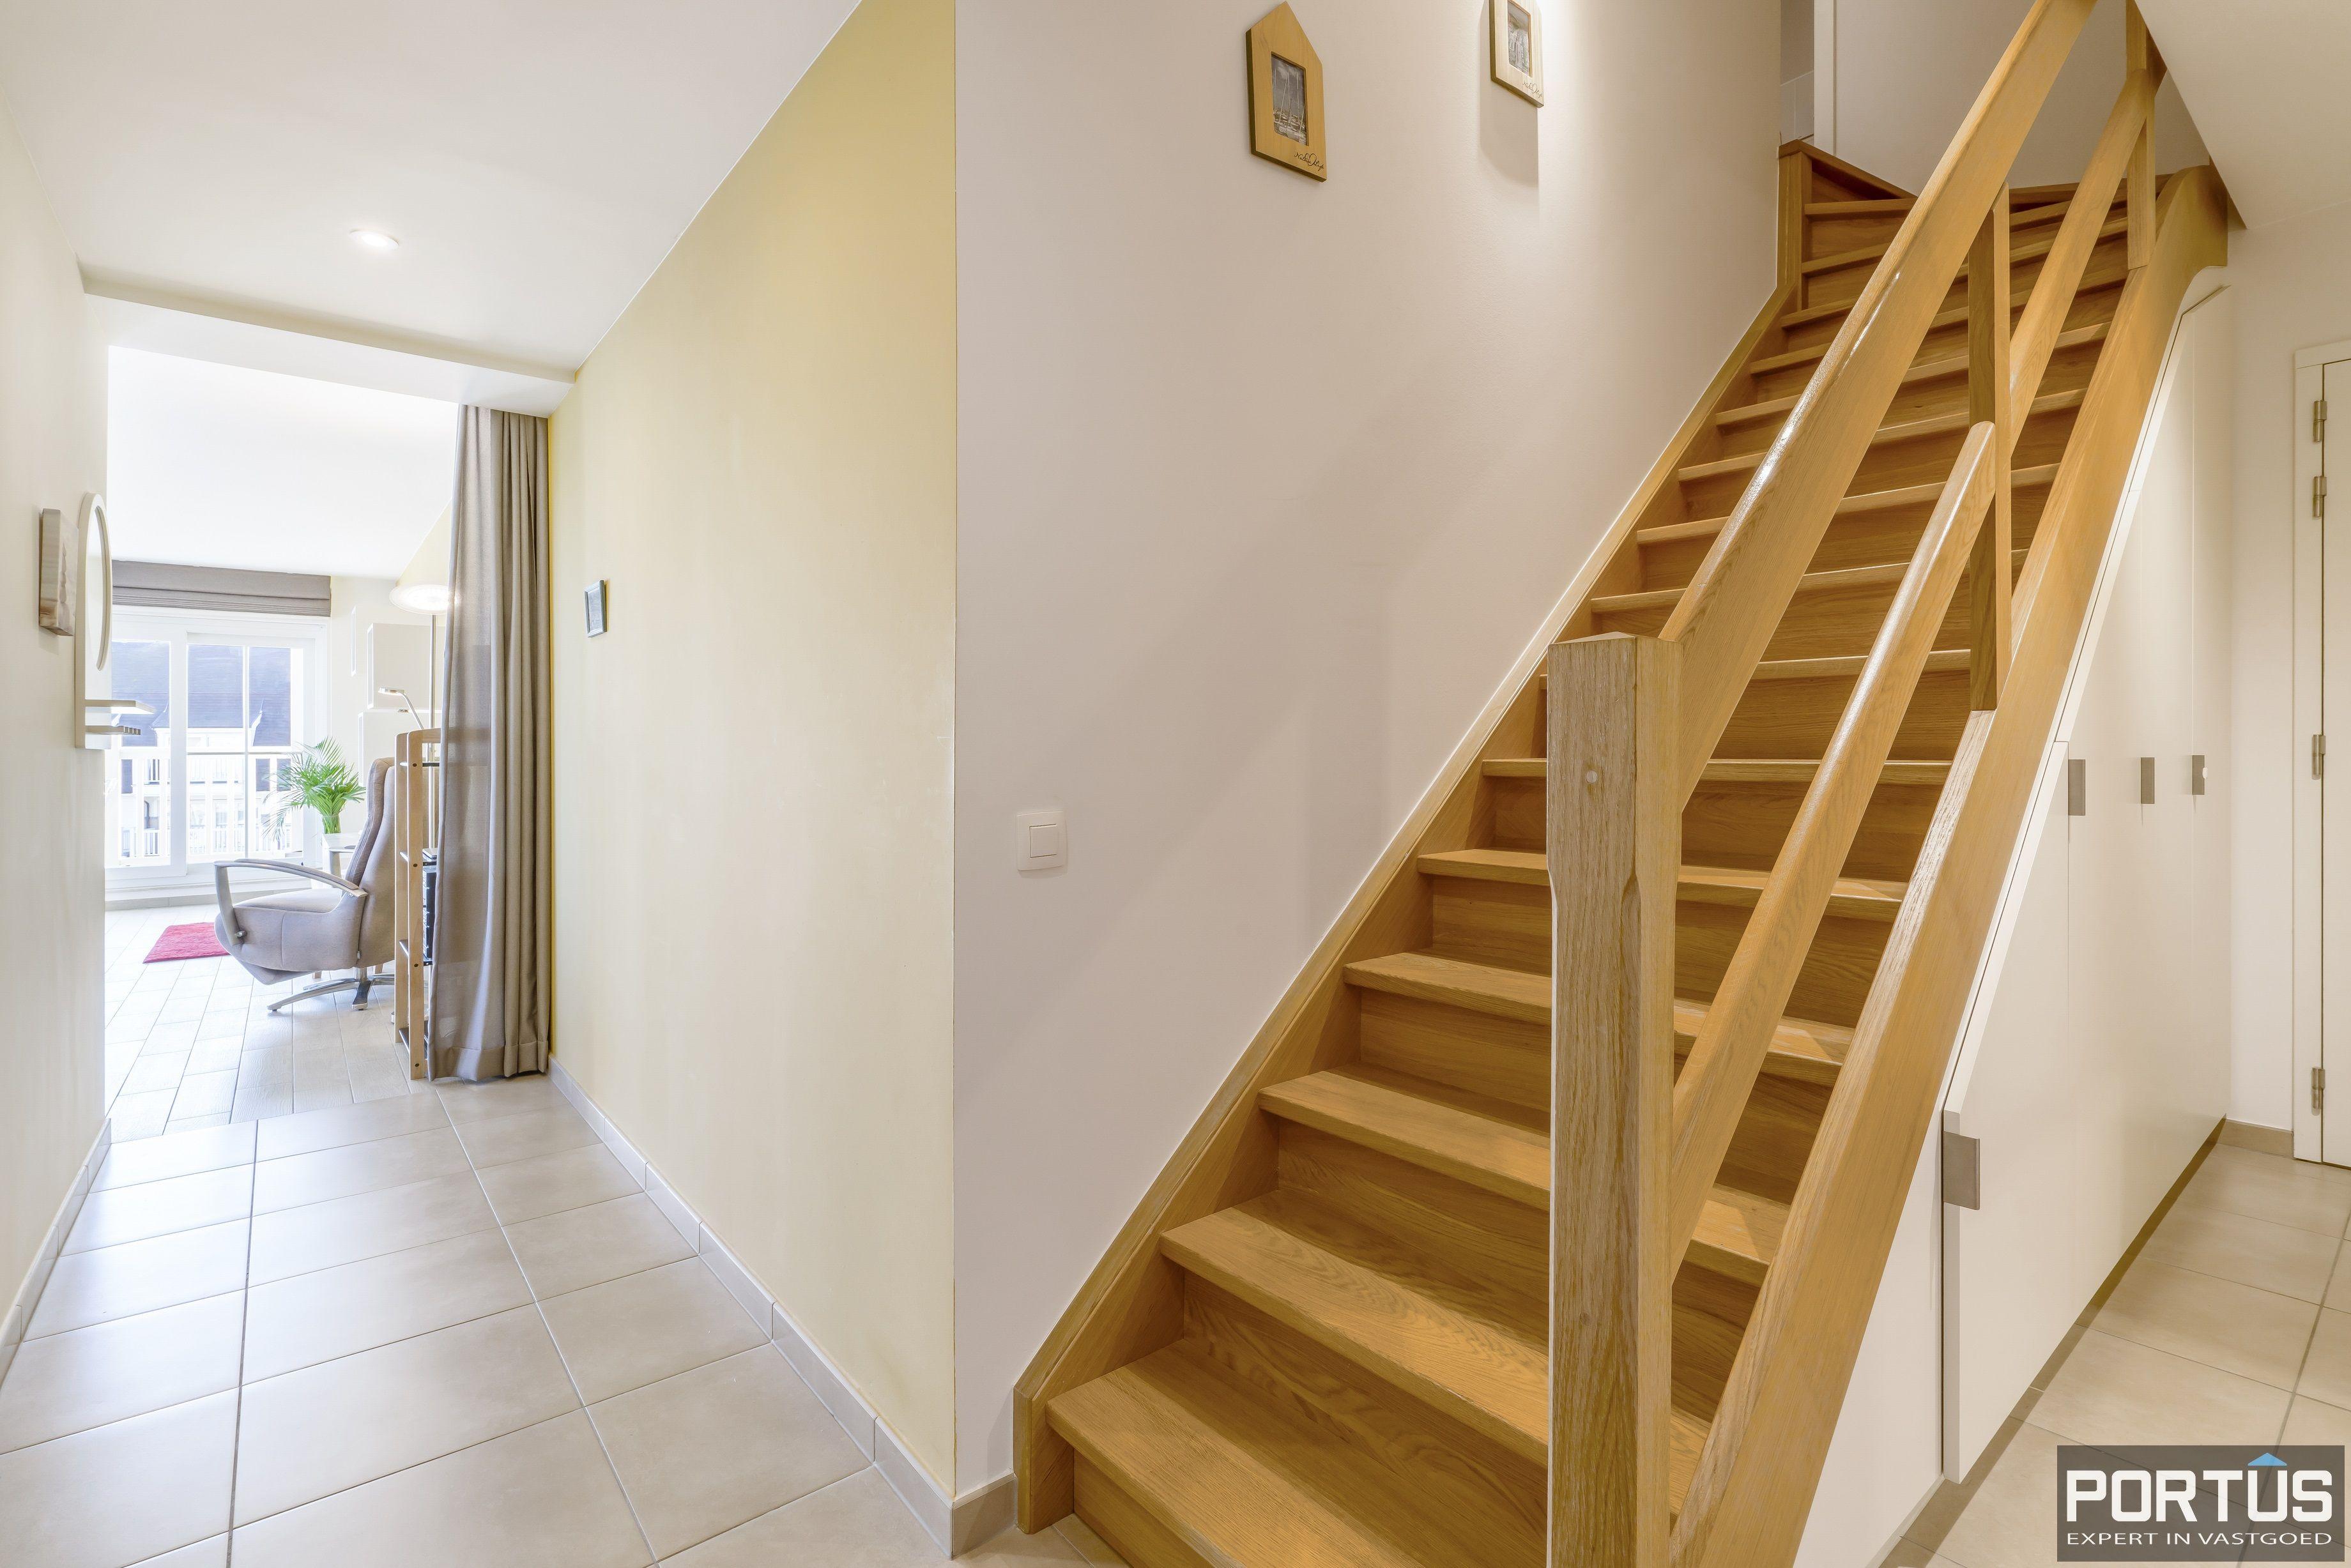 Instapklaar appartement te koop met prachtig zicht op Maritiem park te Nieuwpoort - 12607